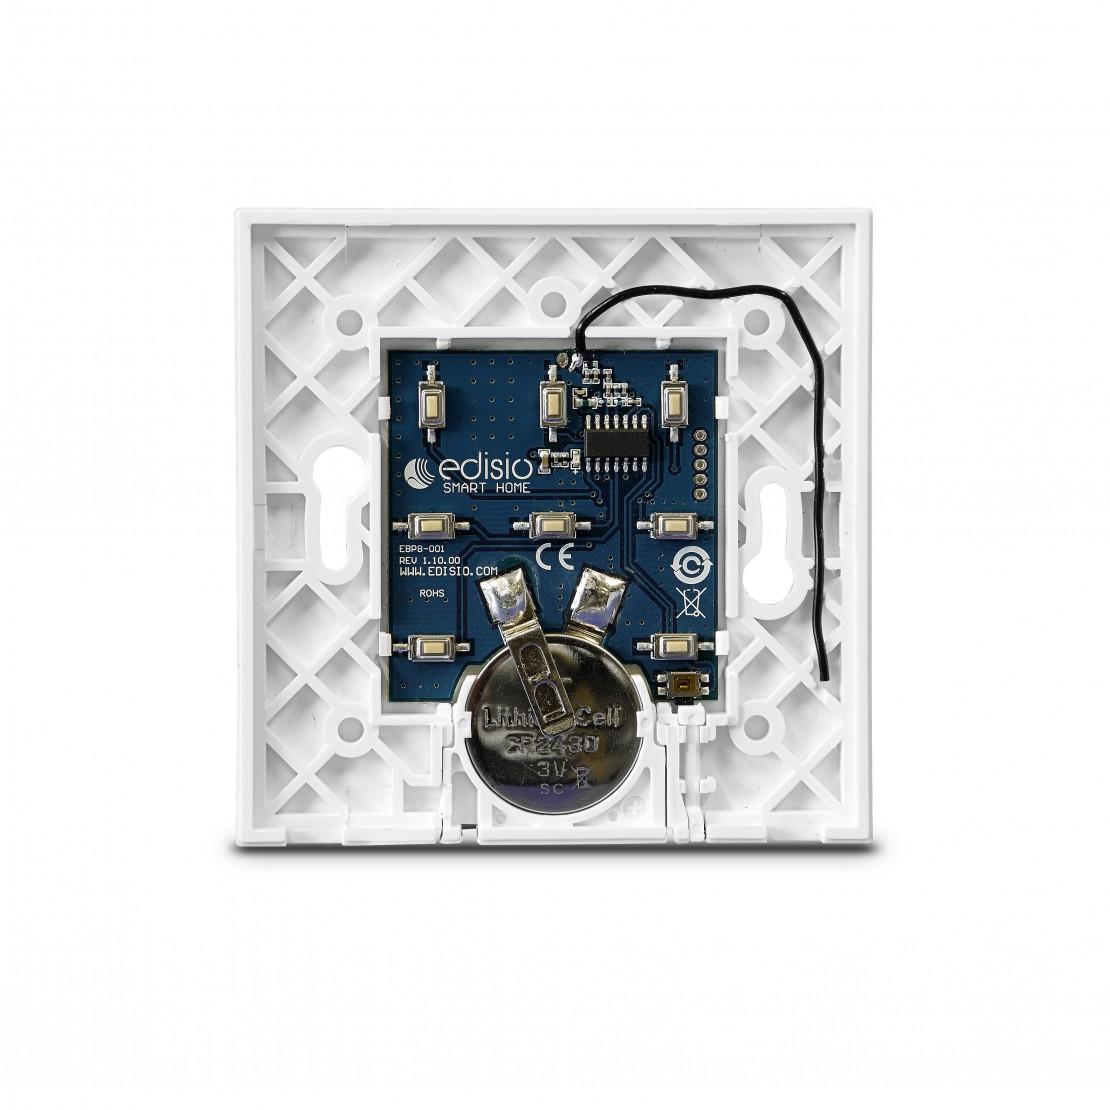 Base blanca para interruptor Edisio (1 a 5 canales)